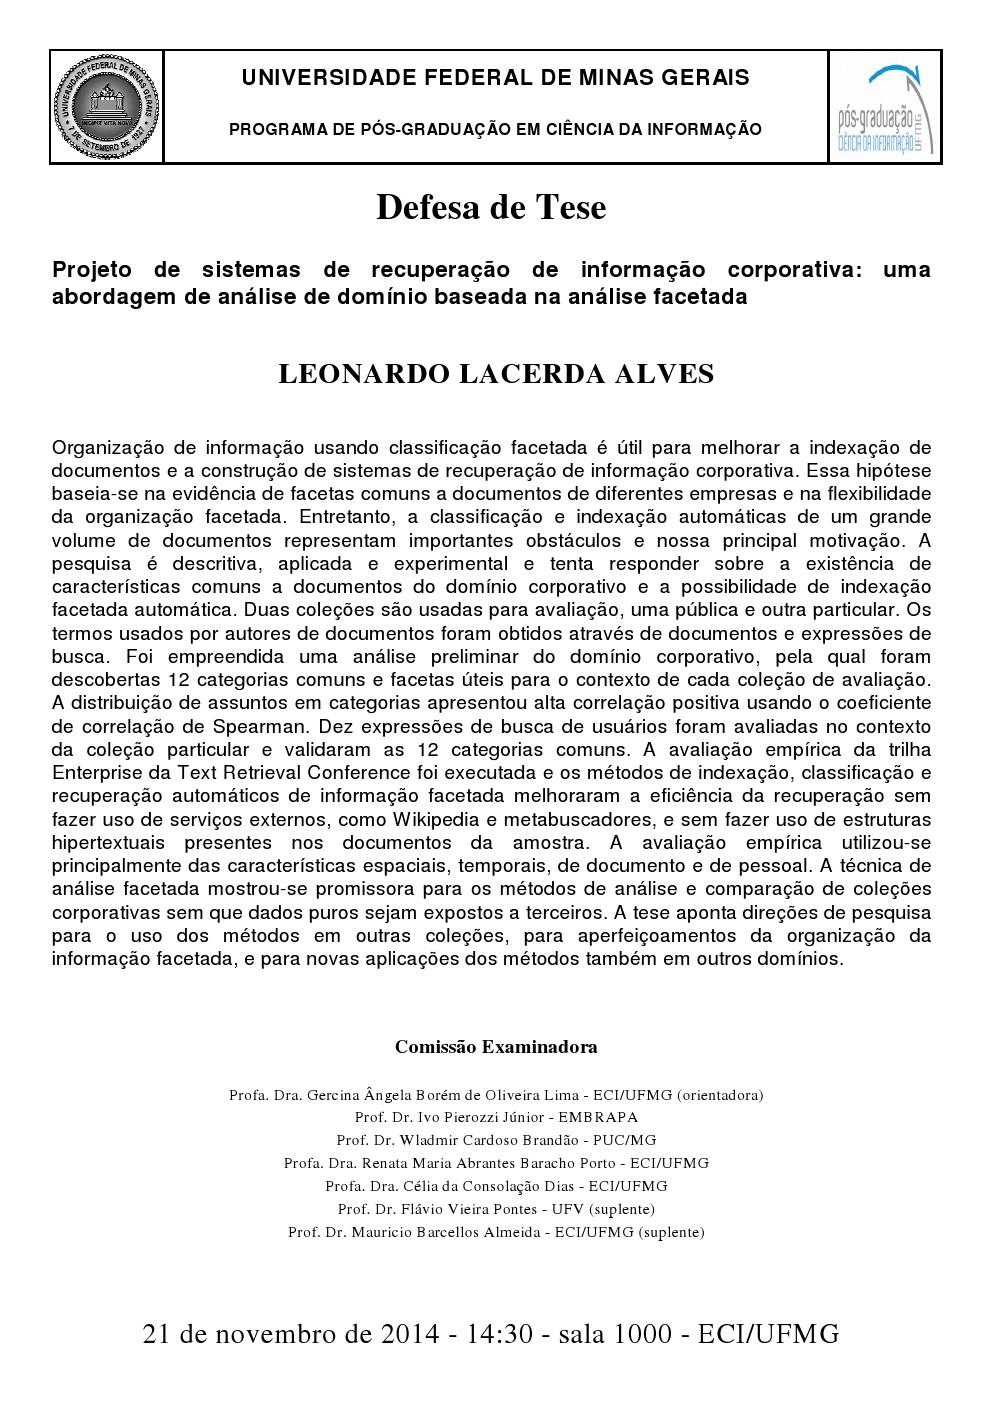 Tese Leonardo Lacerda Alves